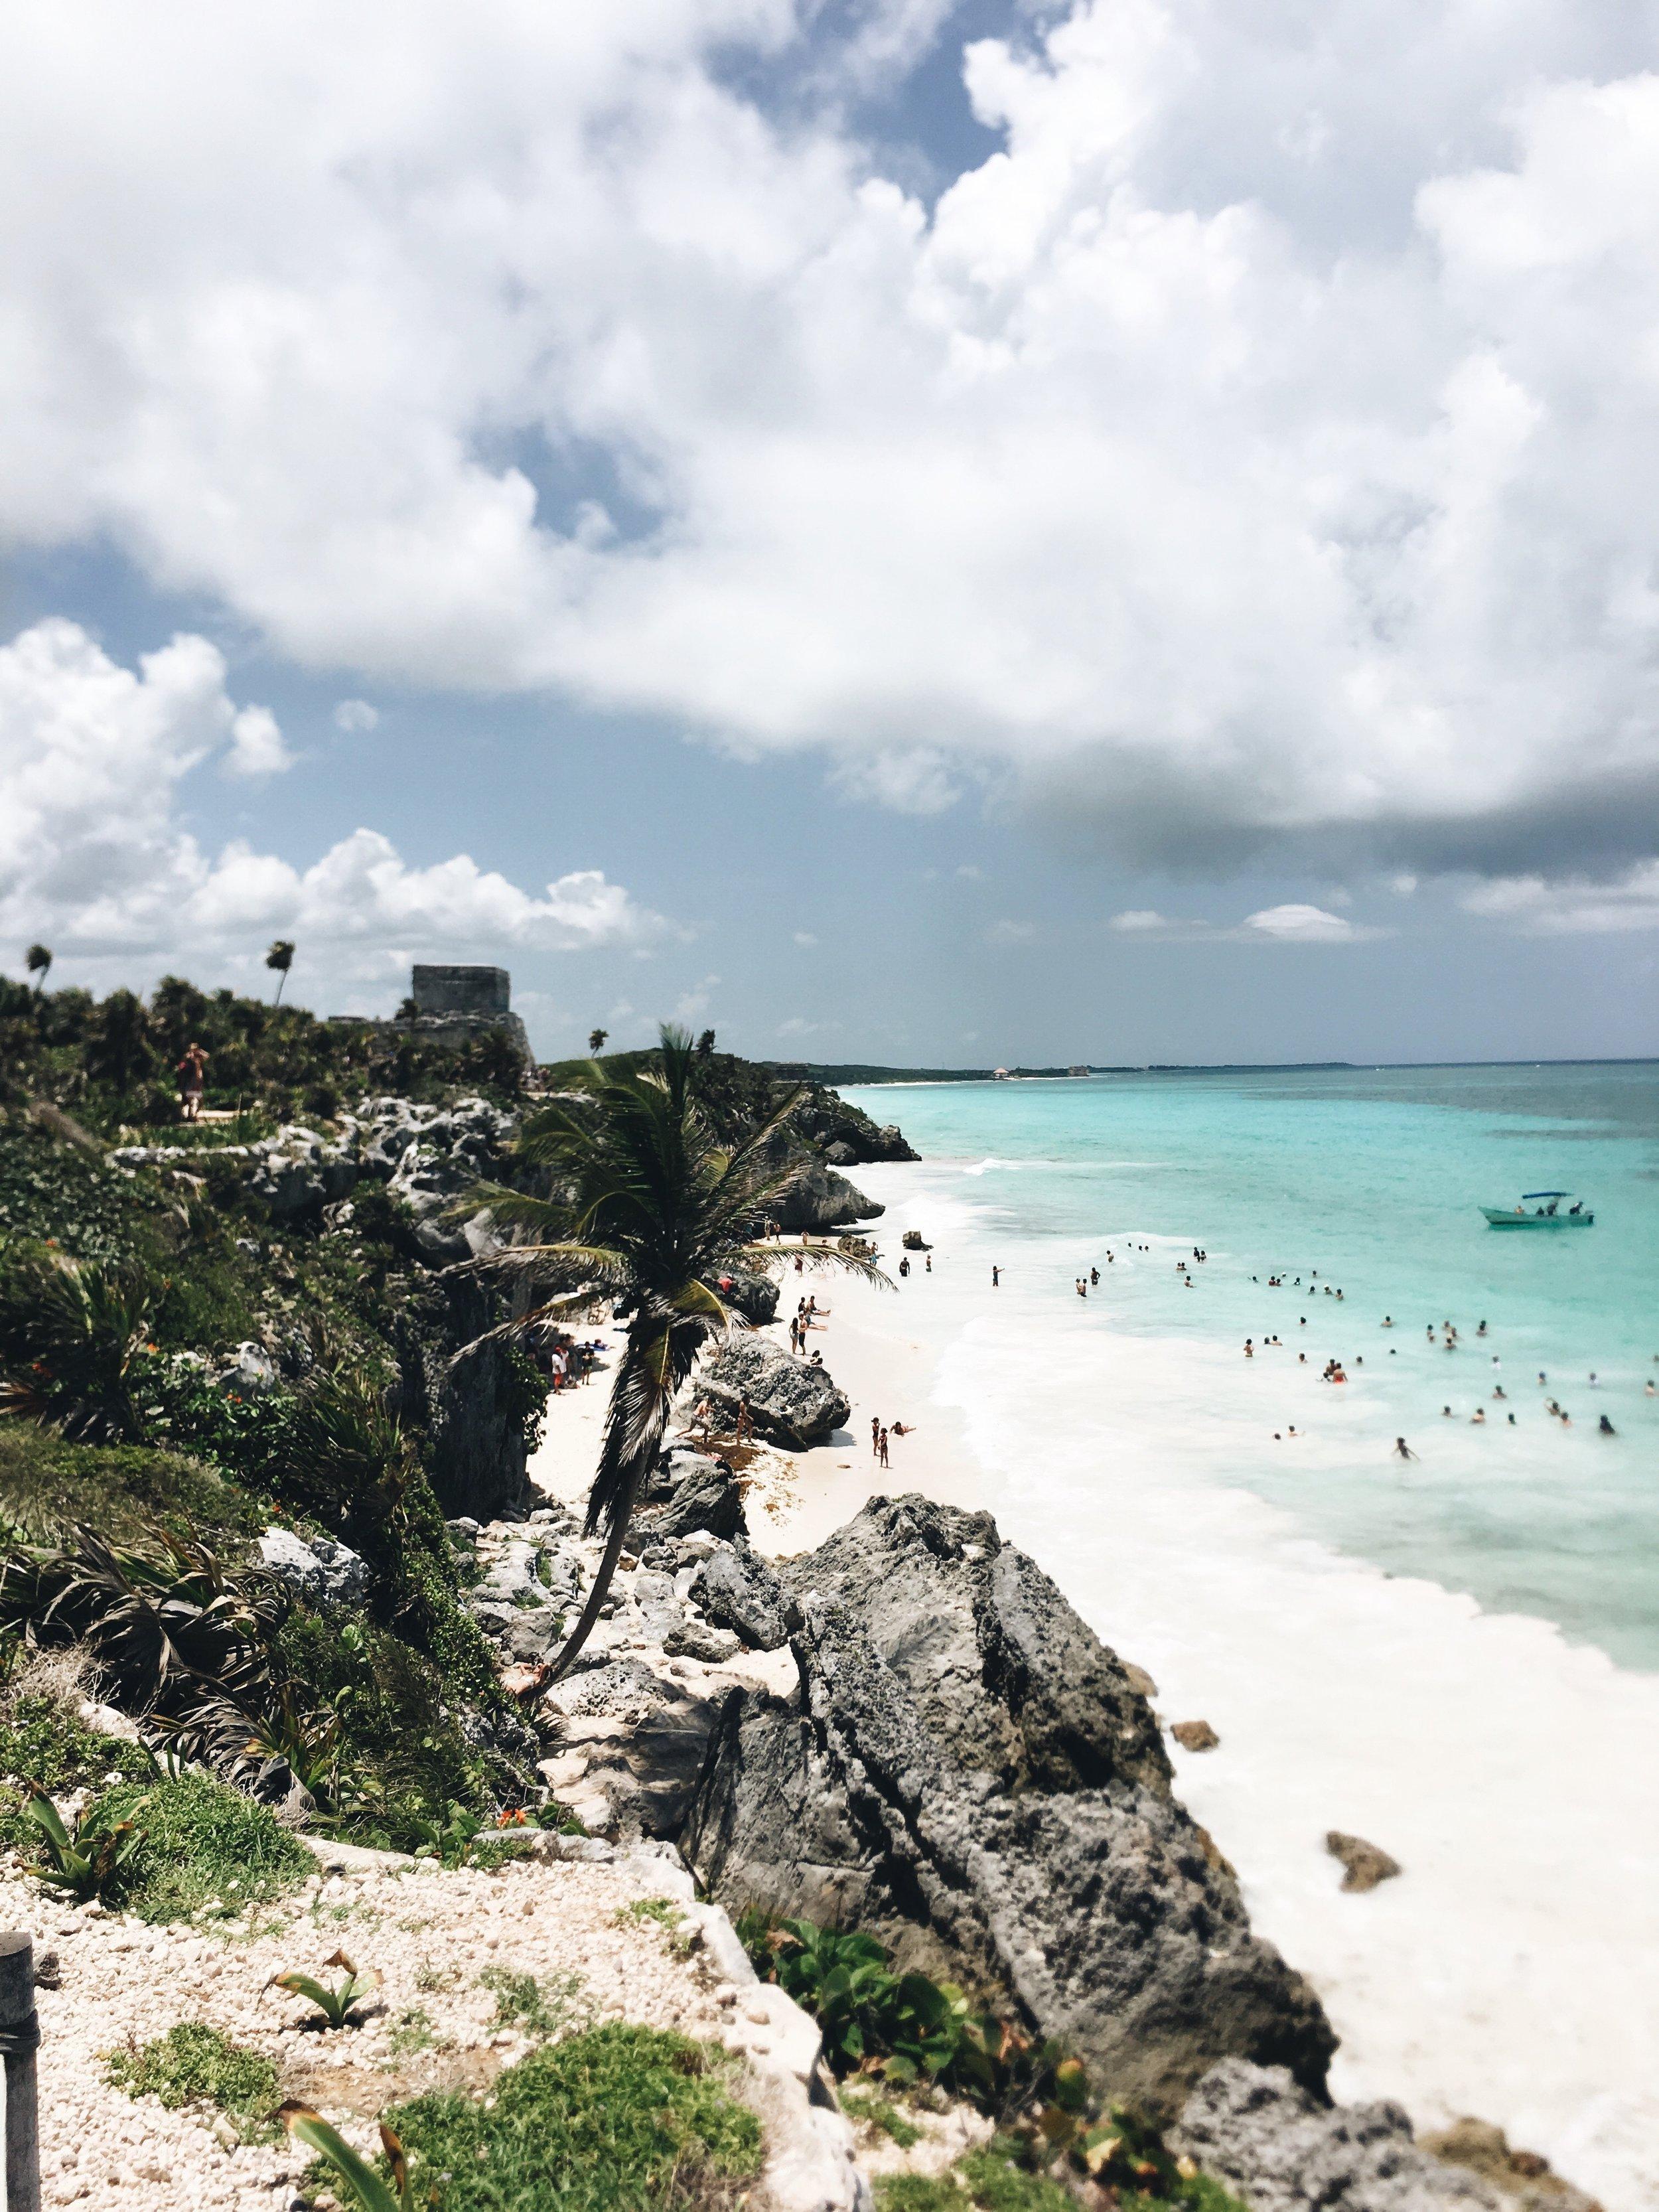 Not one bad view at the Mayan Ruins.